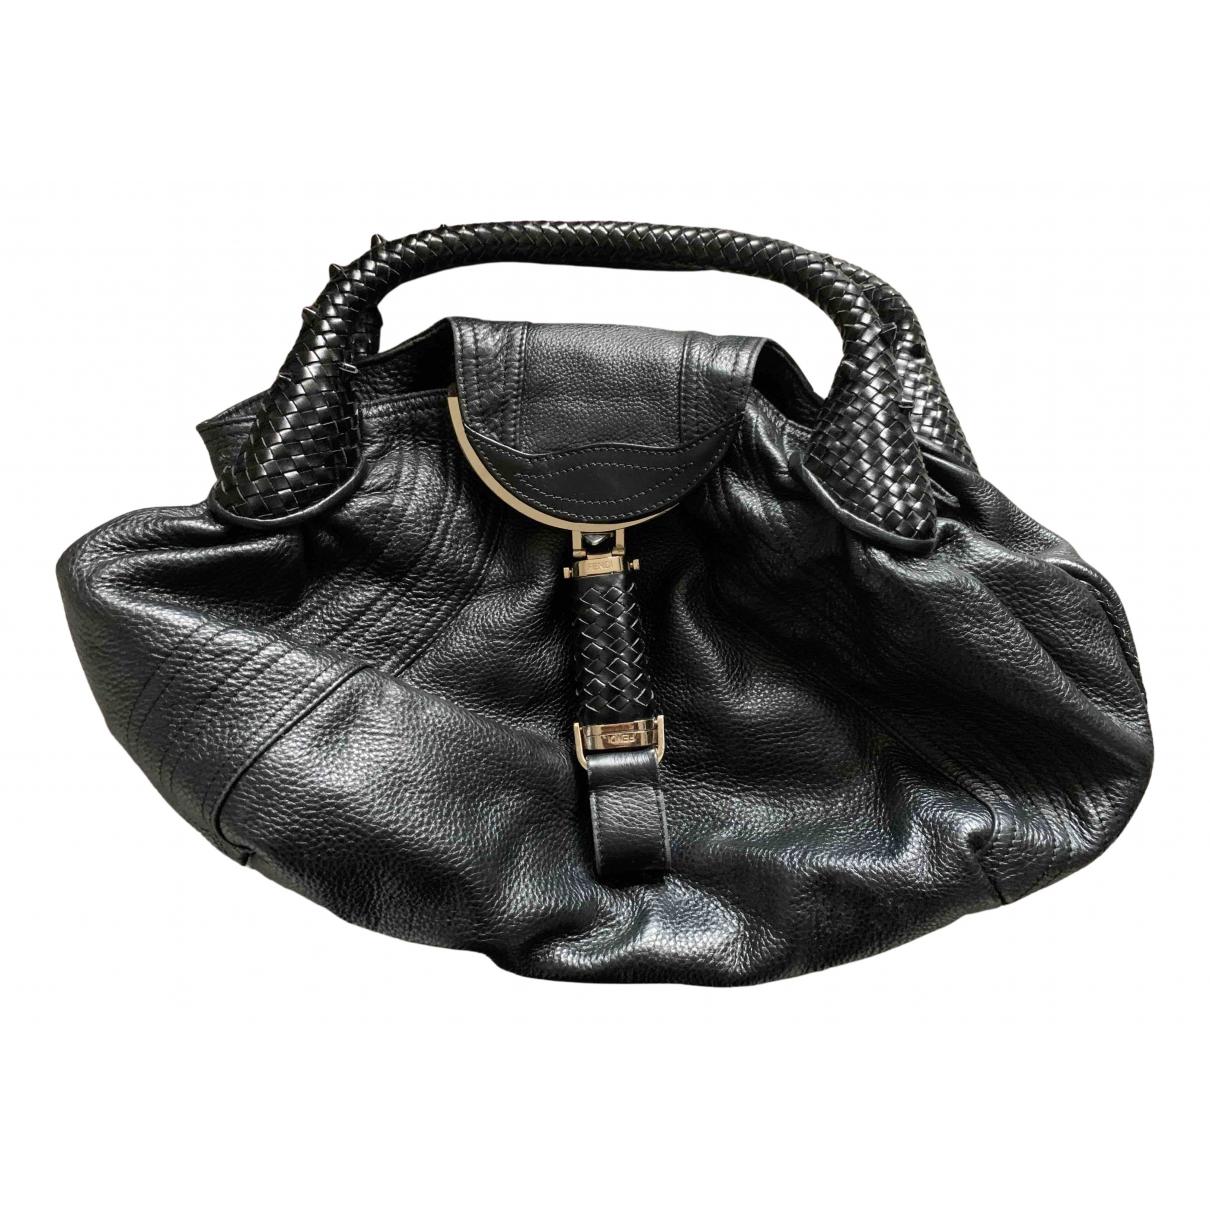 Fendi Spy Black Leather handbag for Women N